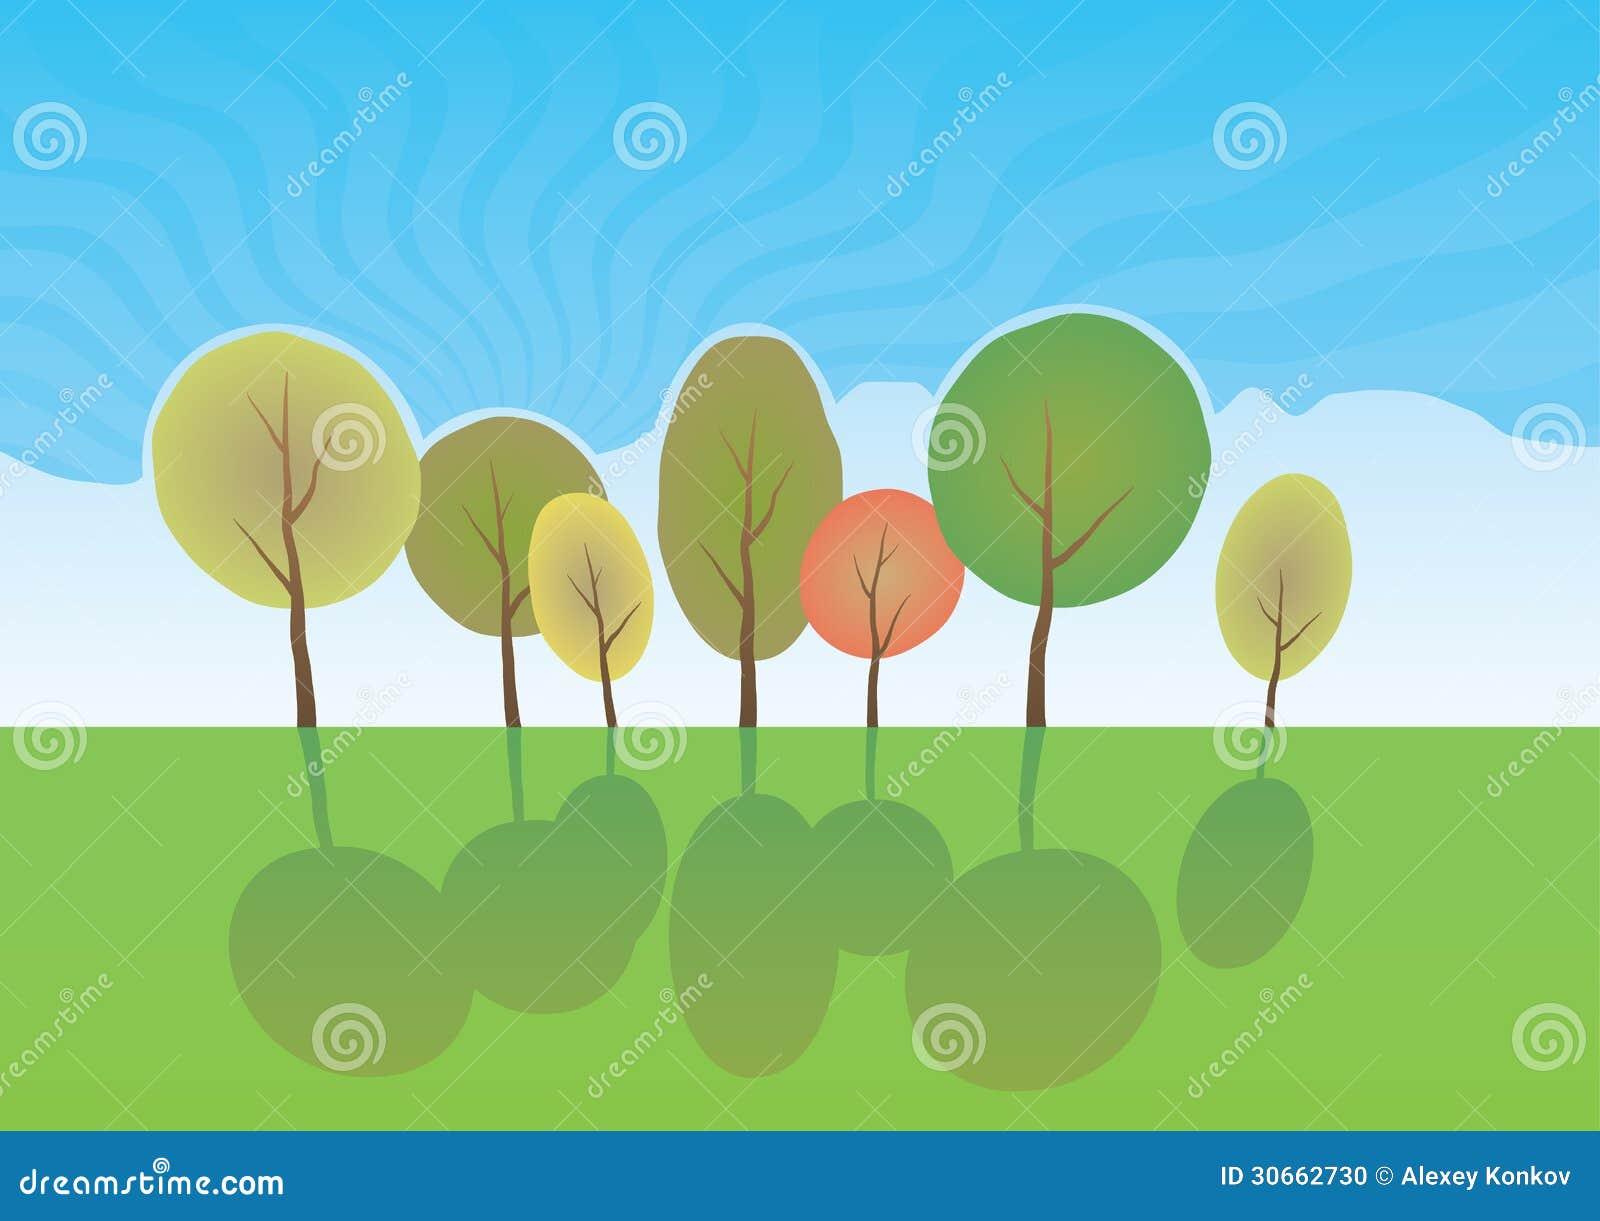 summer trees in park  vector cartoon landscape  stock